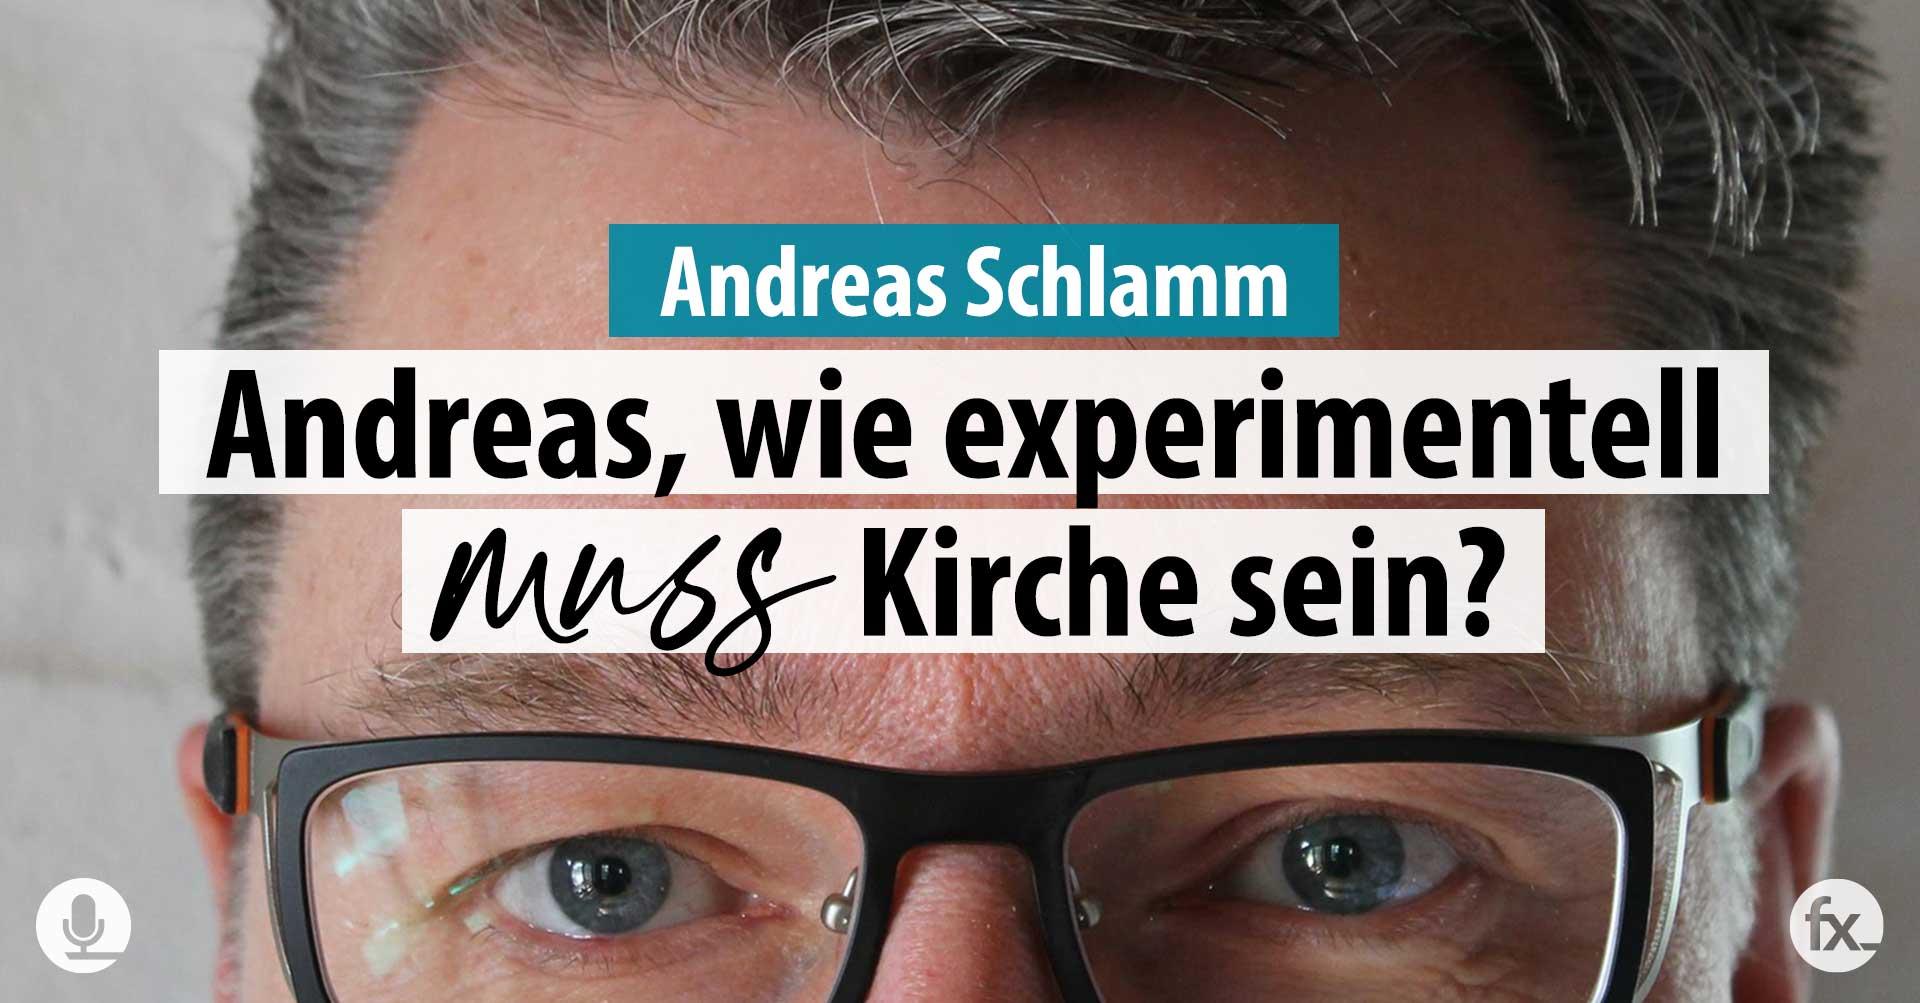 Wie experimentell muss Kirche sein, Andreas Schlamm?